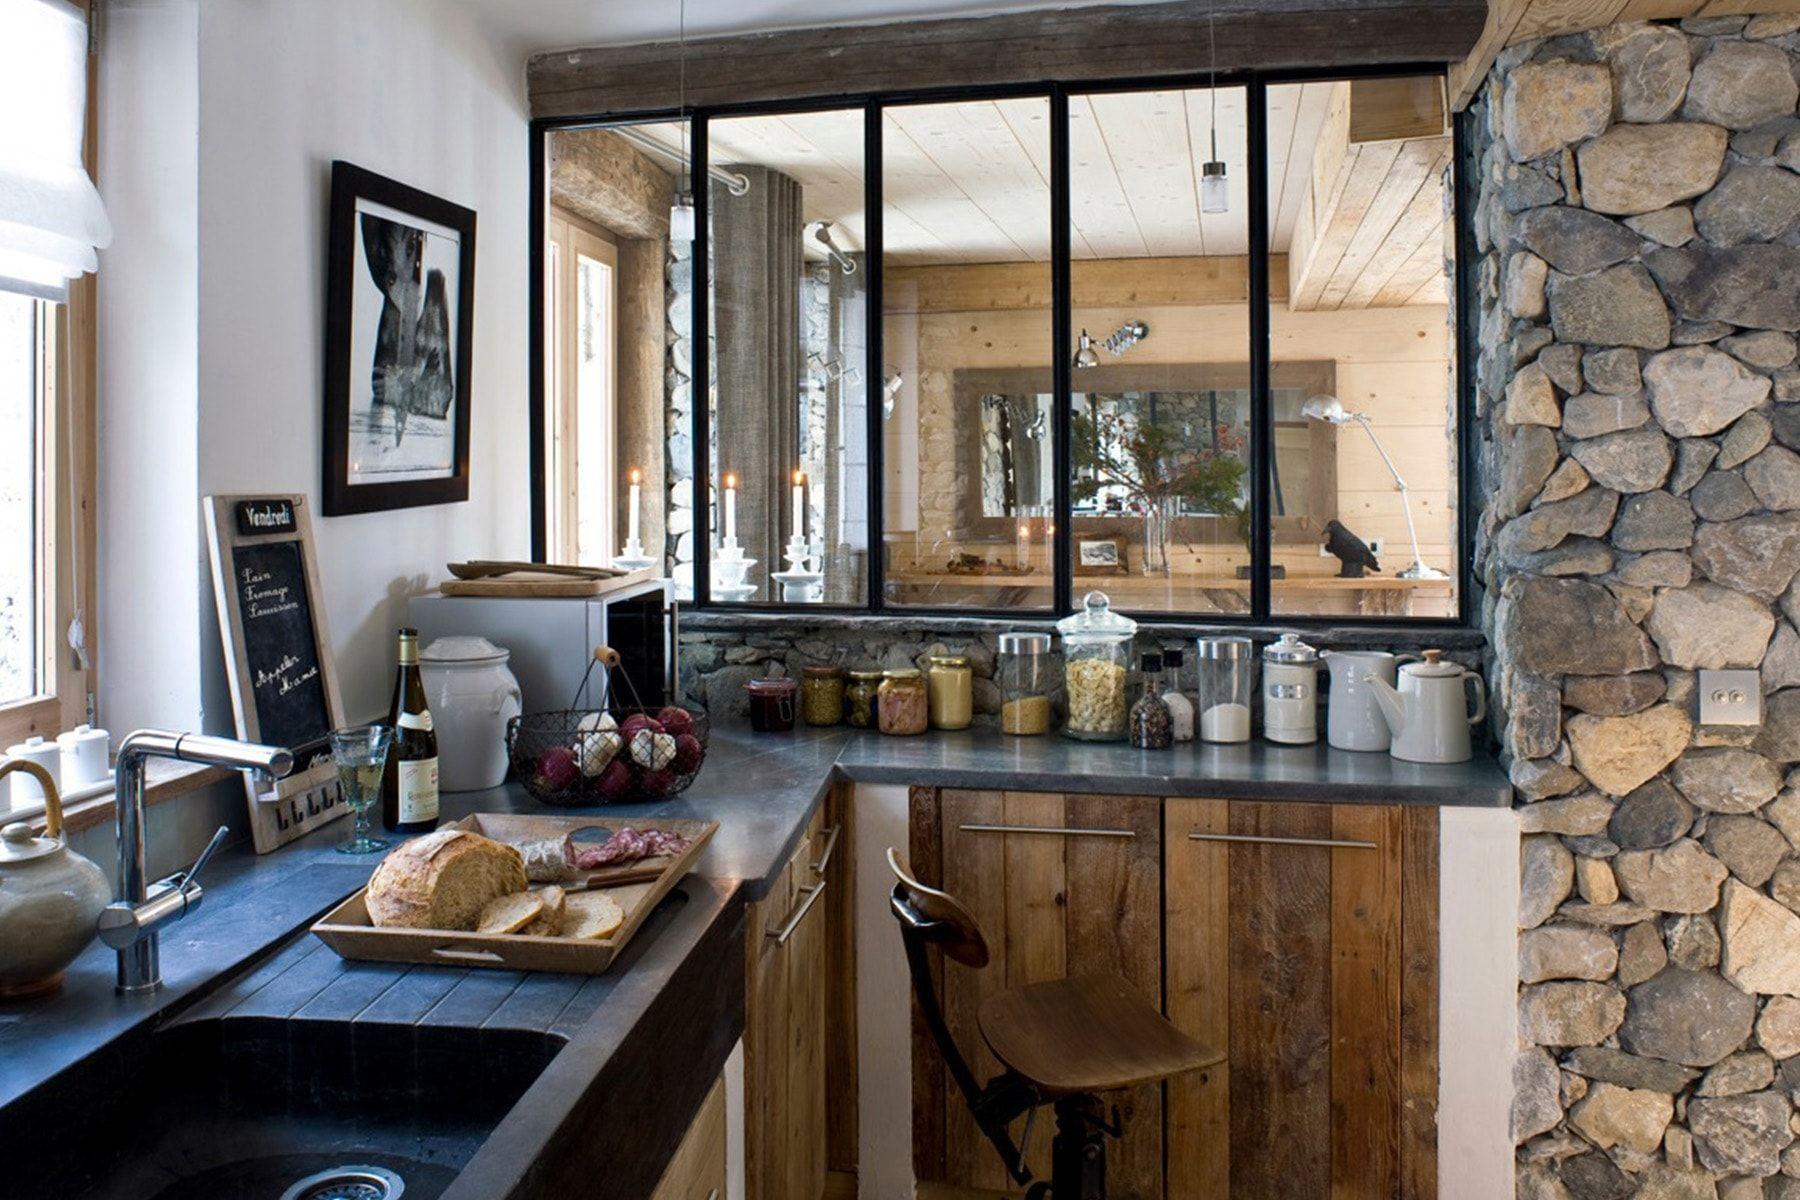 Prix verriere cuisine travail pinterest interieur - Verriere cuisine prix ...